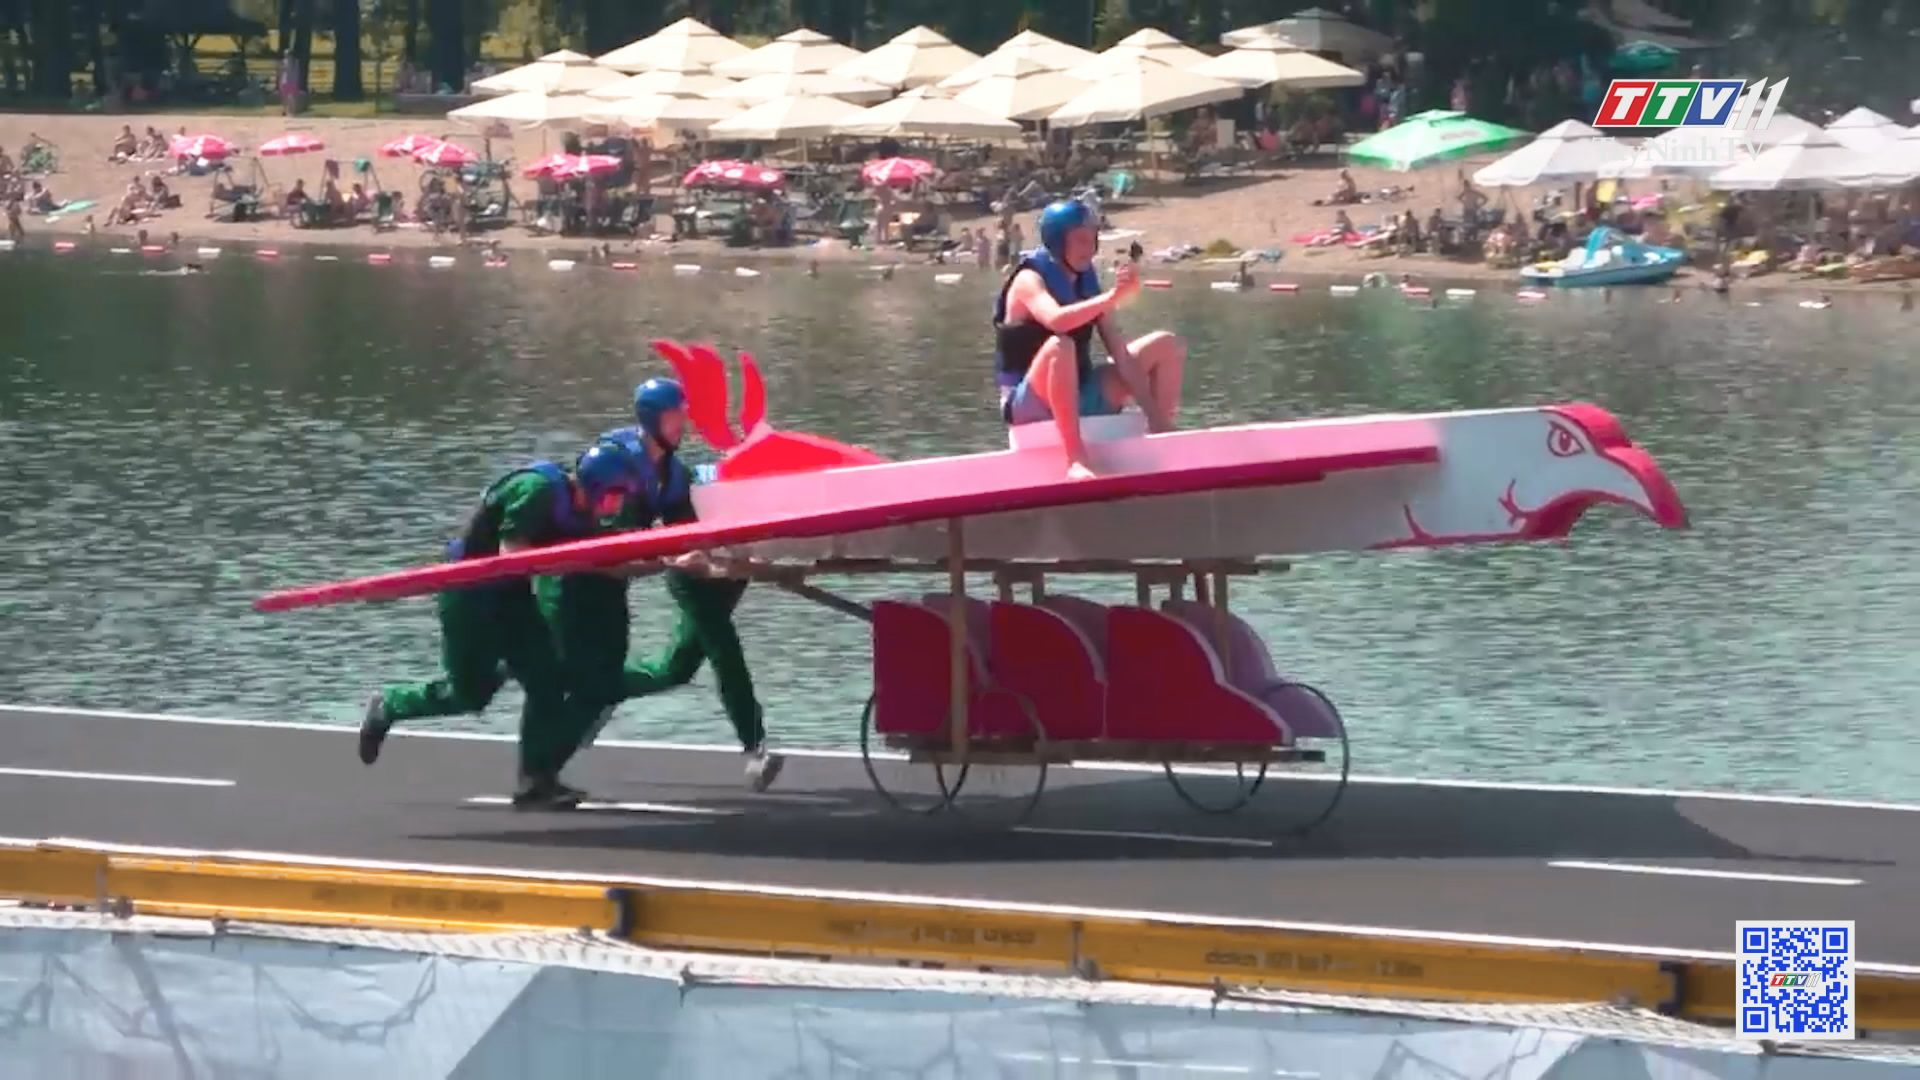 Kỳ thú cuộc thi máy bay tự chế tại Nga | CHUYỆN ĐÔNG TÂY KỲ THÚ | TayNinhTV